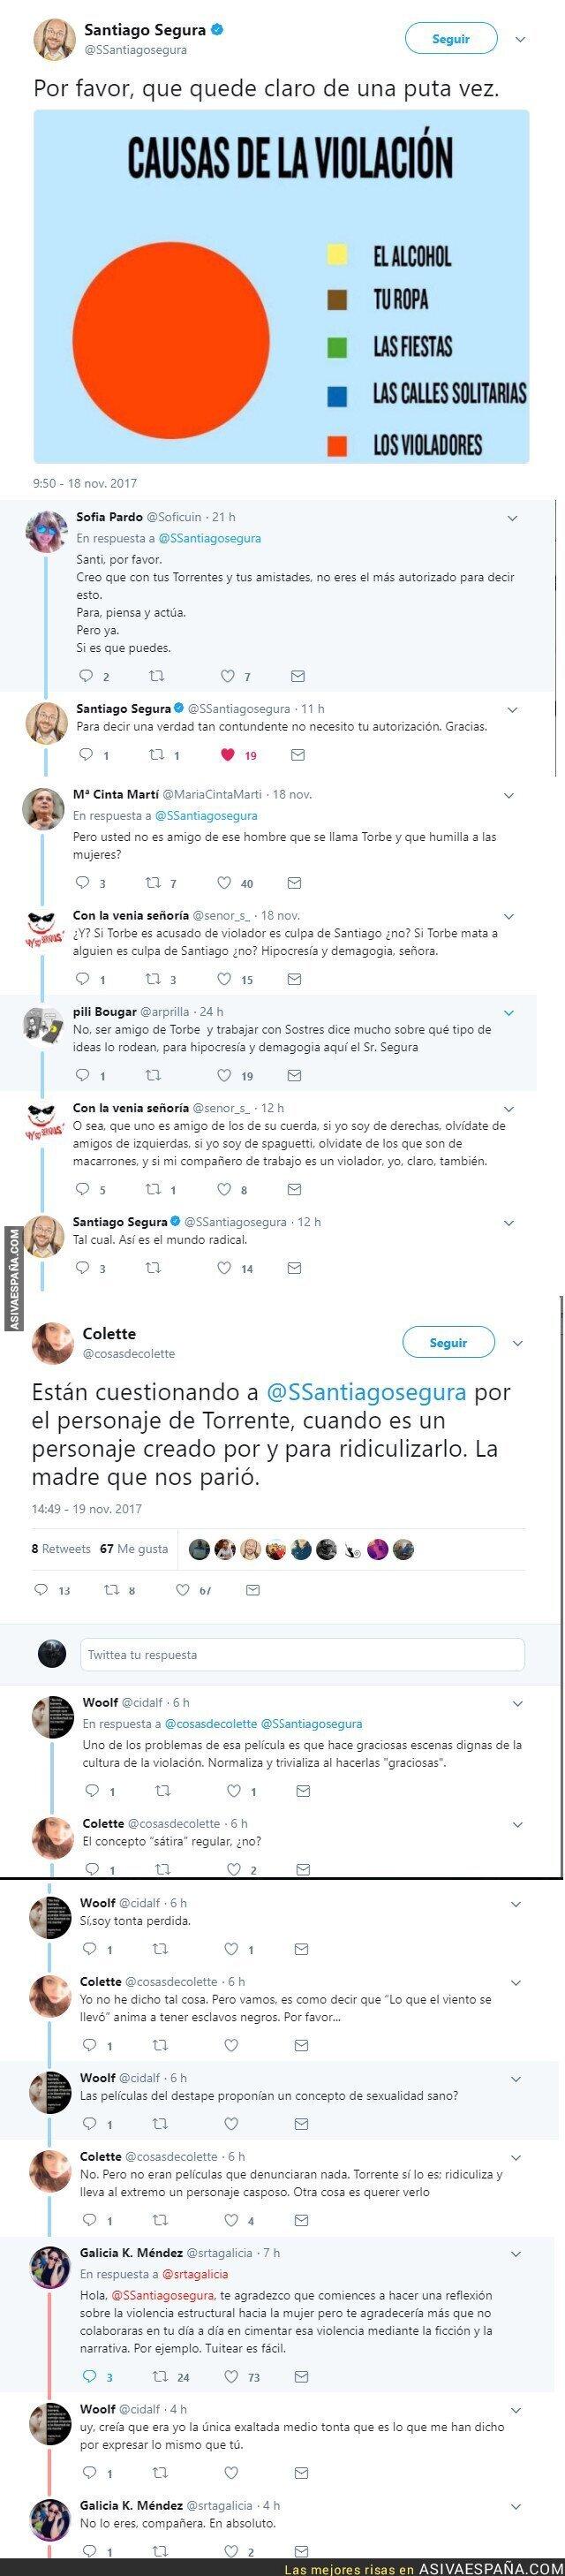 79023 - Polémica contra Santiago Segura por denunciar las violaciones y hacer Torrente